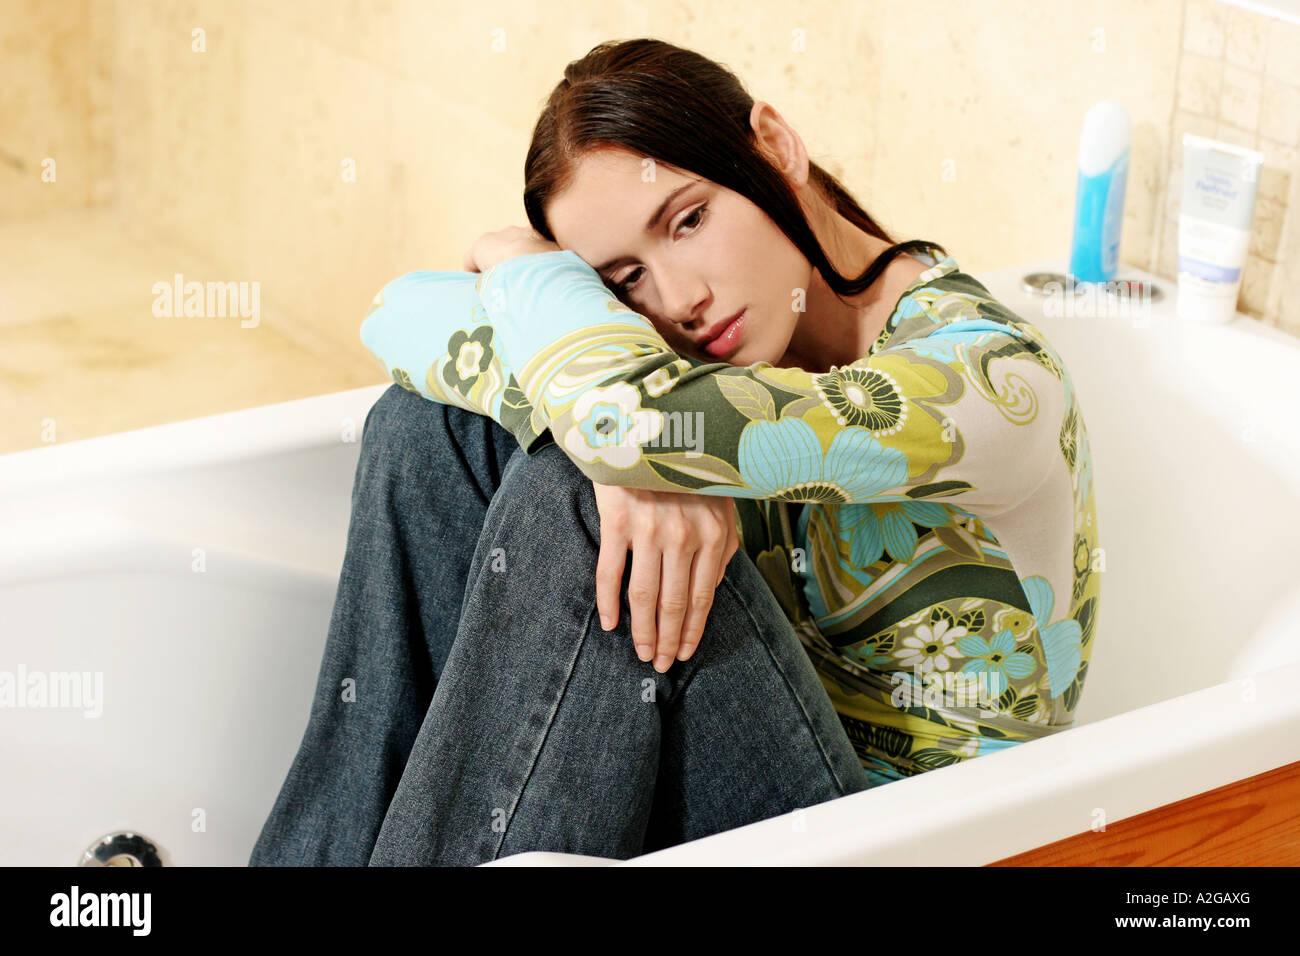 Jeans Vasca Da Bagno : 1215573 indoor bagno piatto giovane donna girl brunette capelli